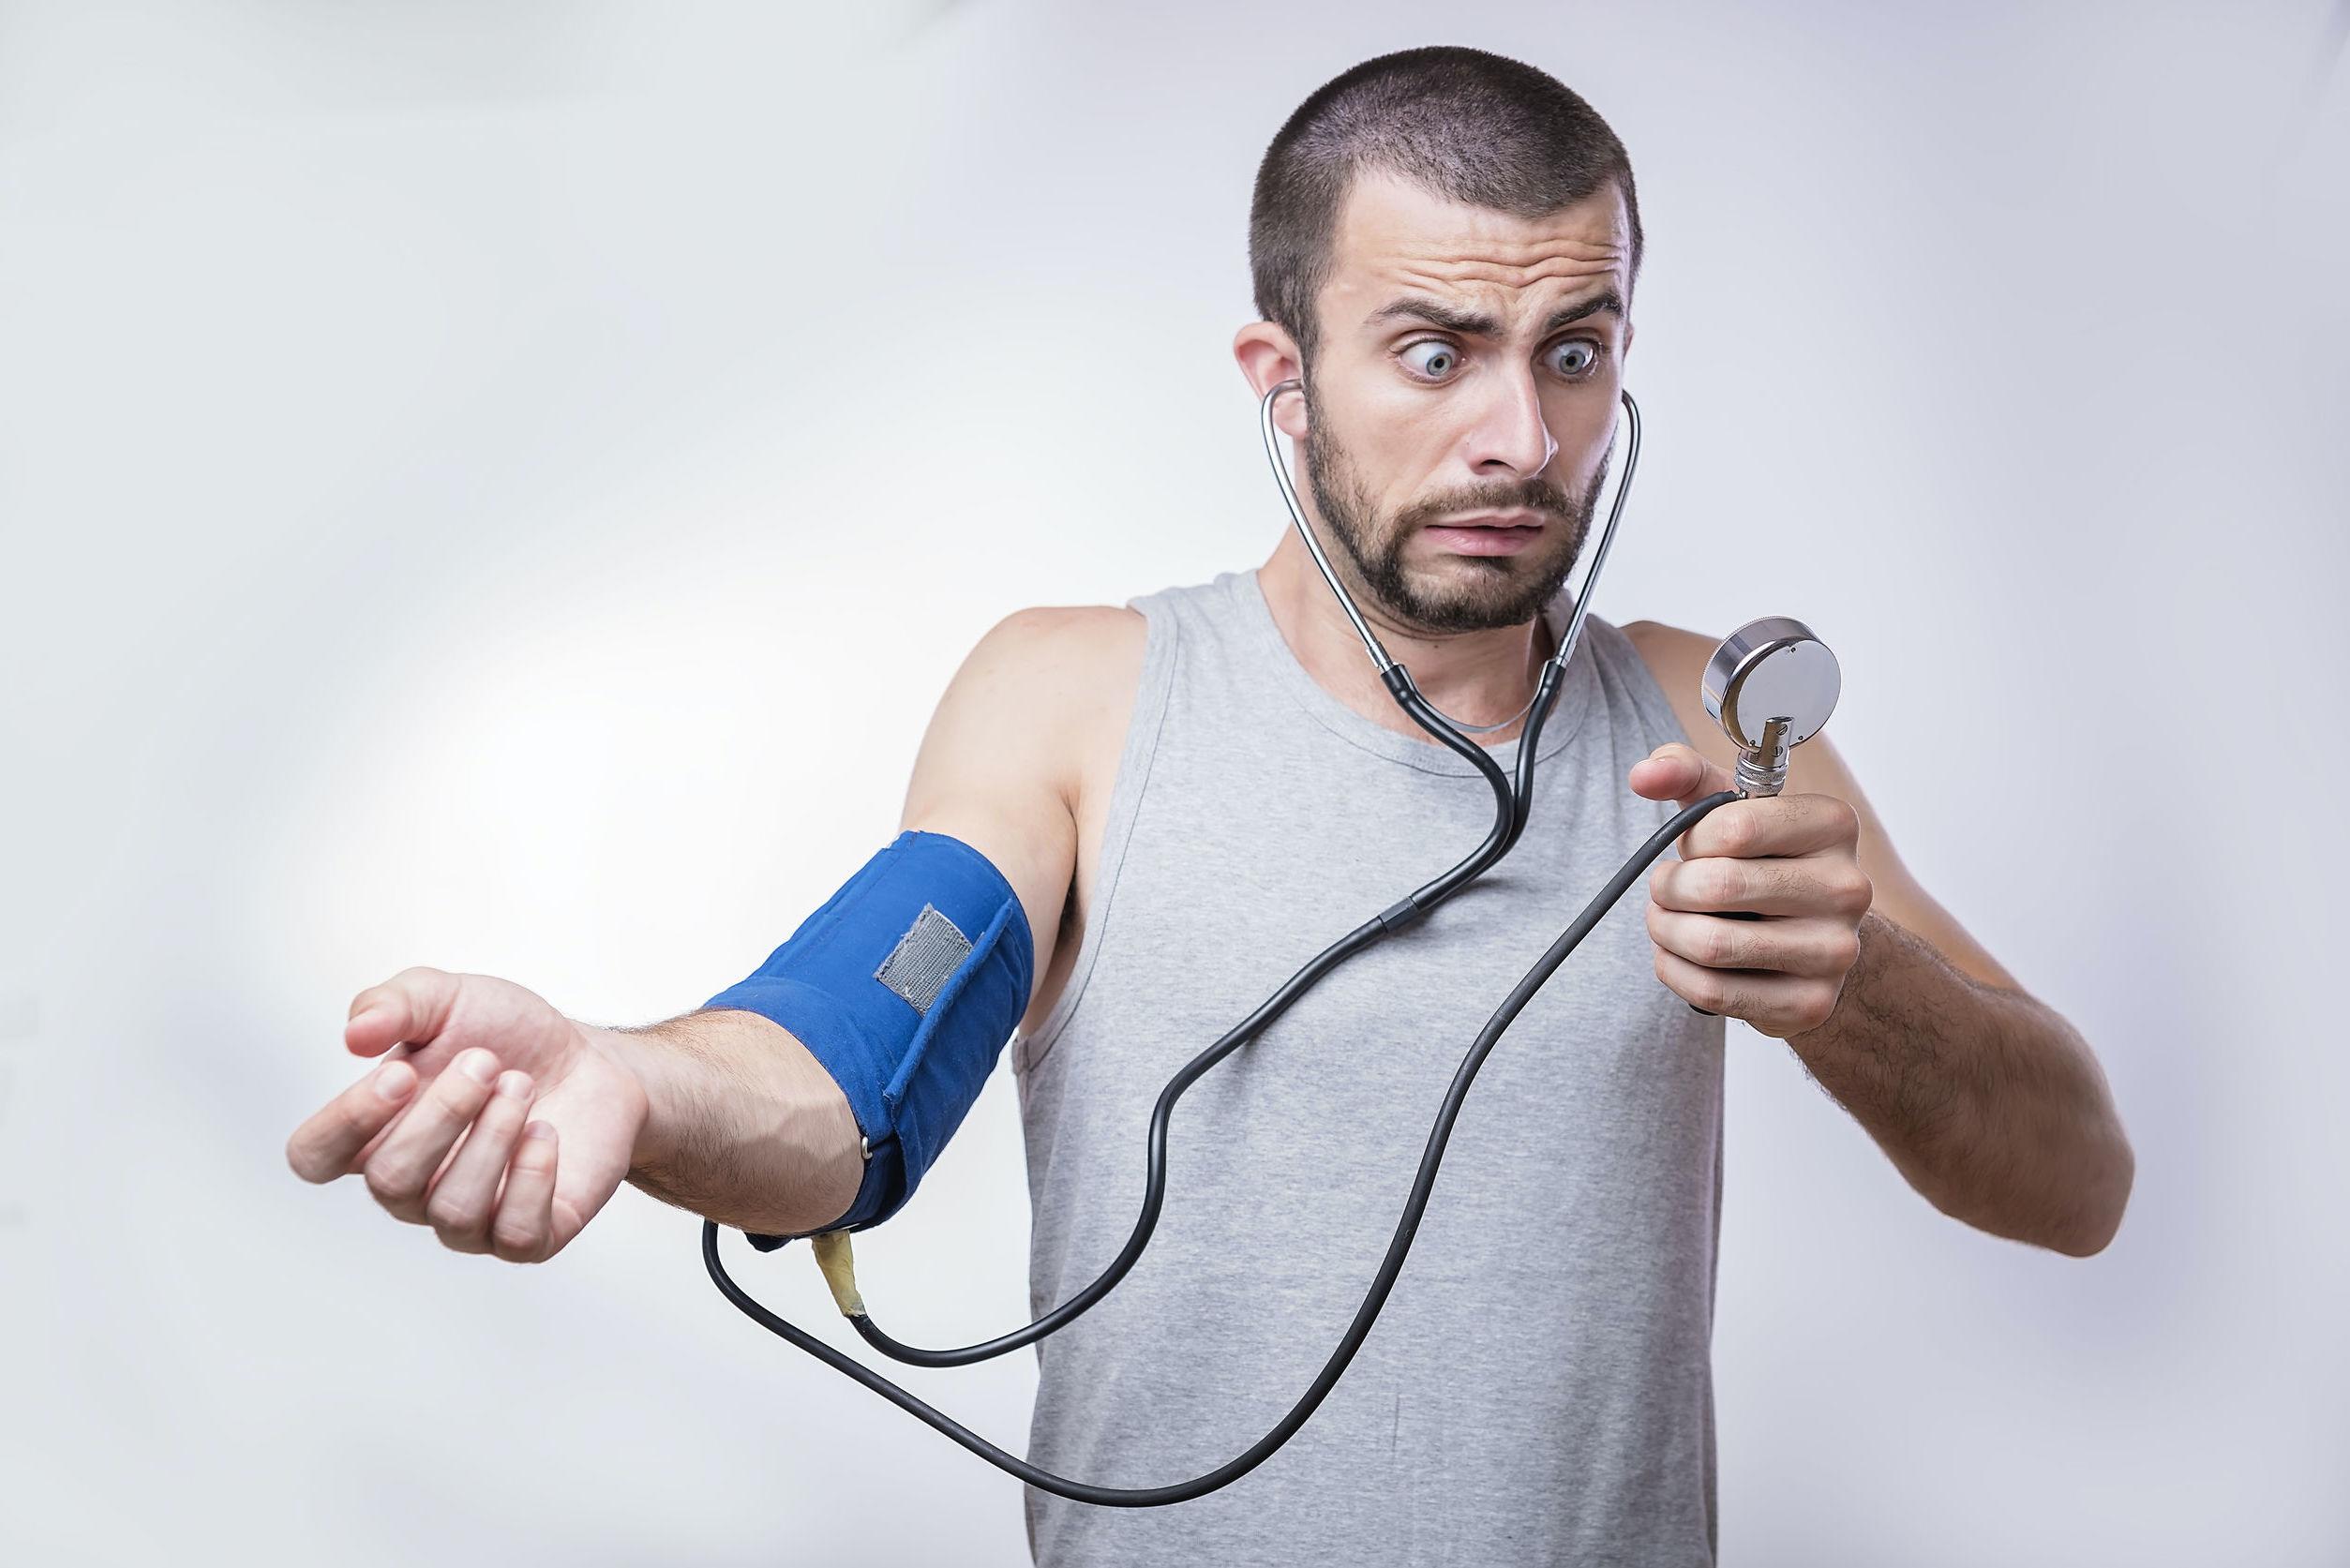 jódhiány és magas vérnyomás magas vérnyomás elleni sampinyonval